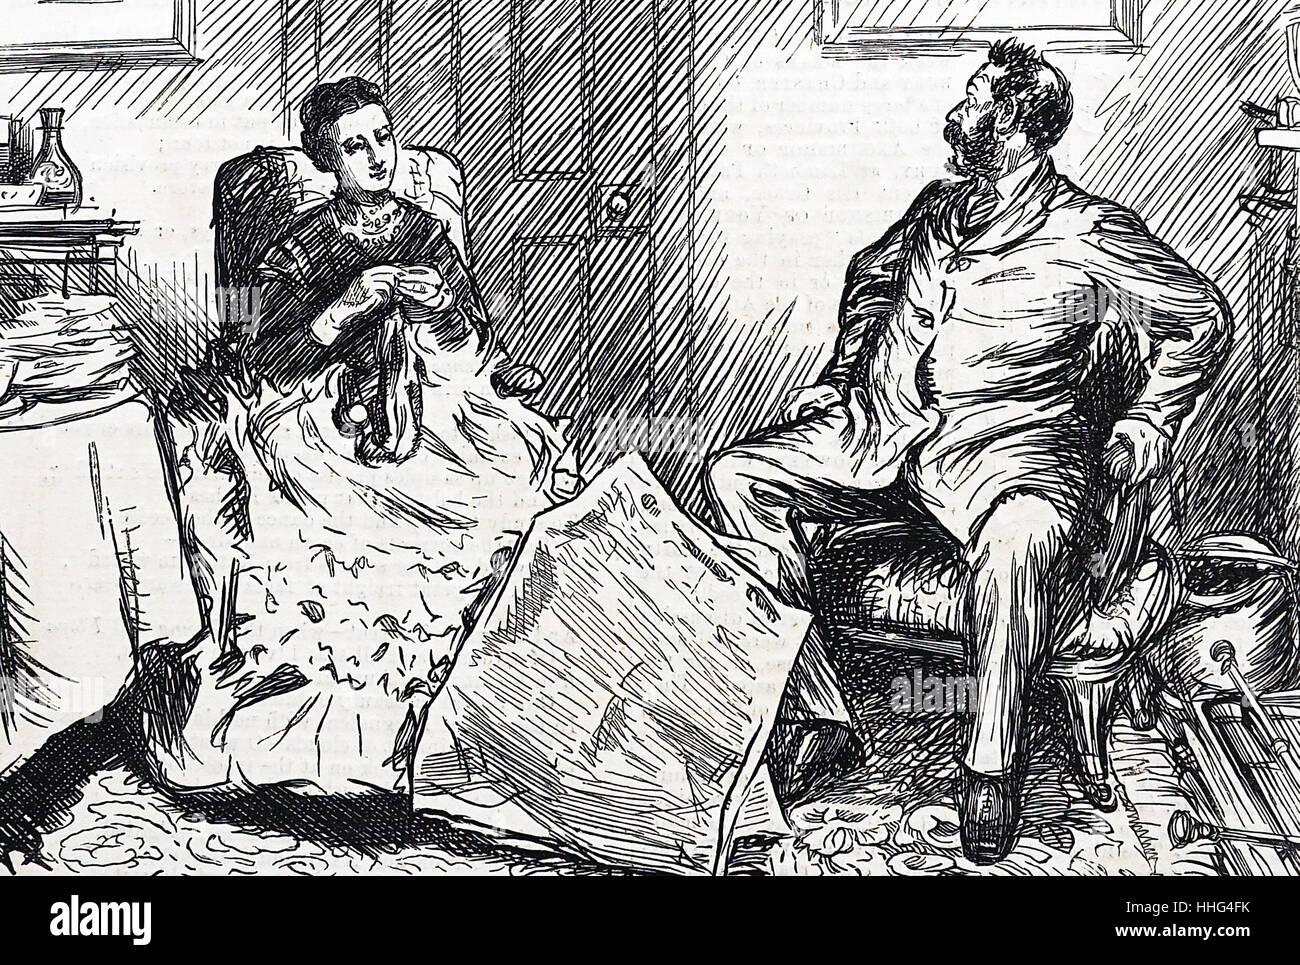 Un marito e una moglie discutere di questioni sociali e politiche in Inghilterra vittoriana 1874. Immagini Stock